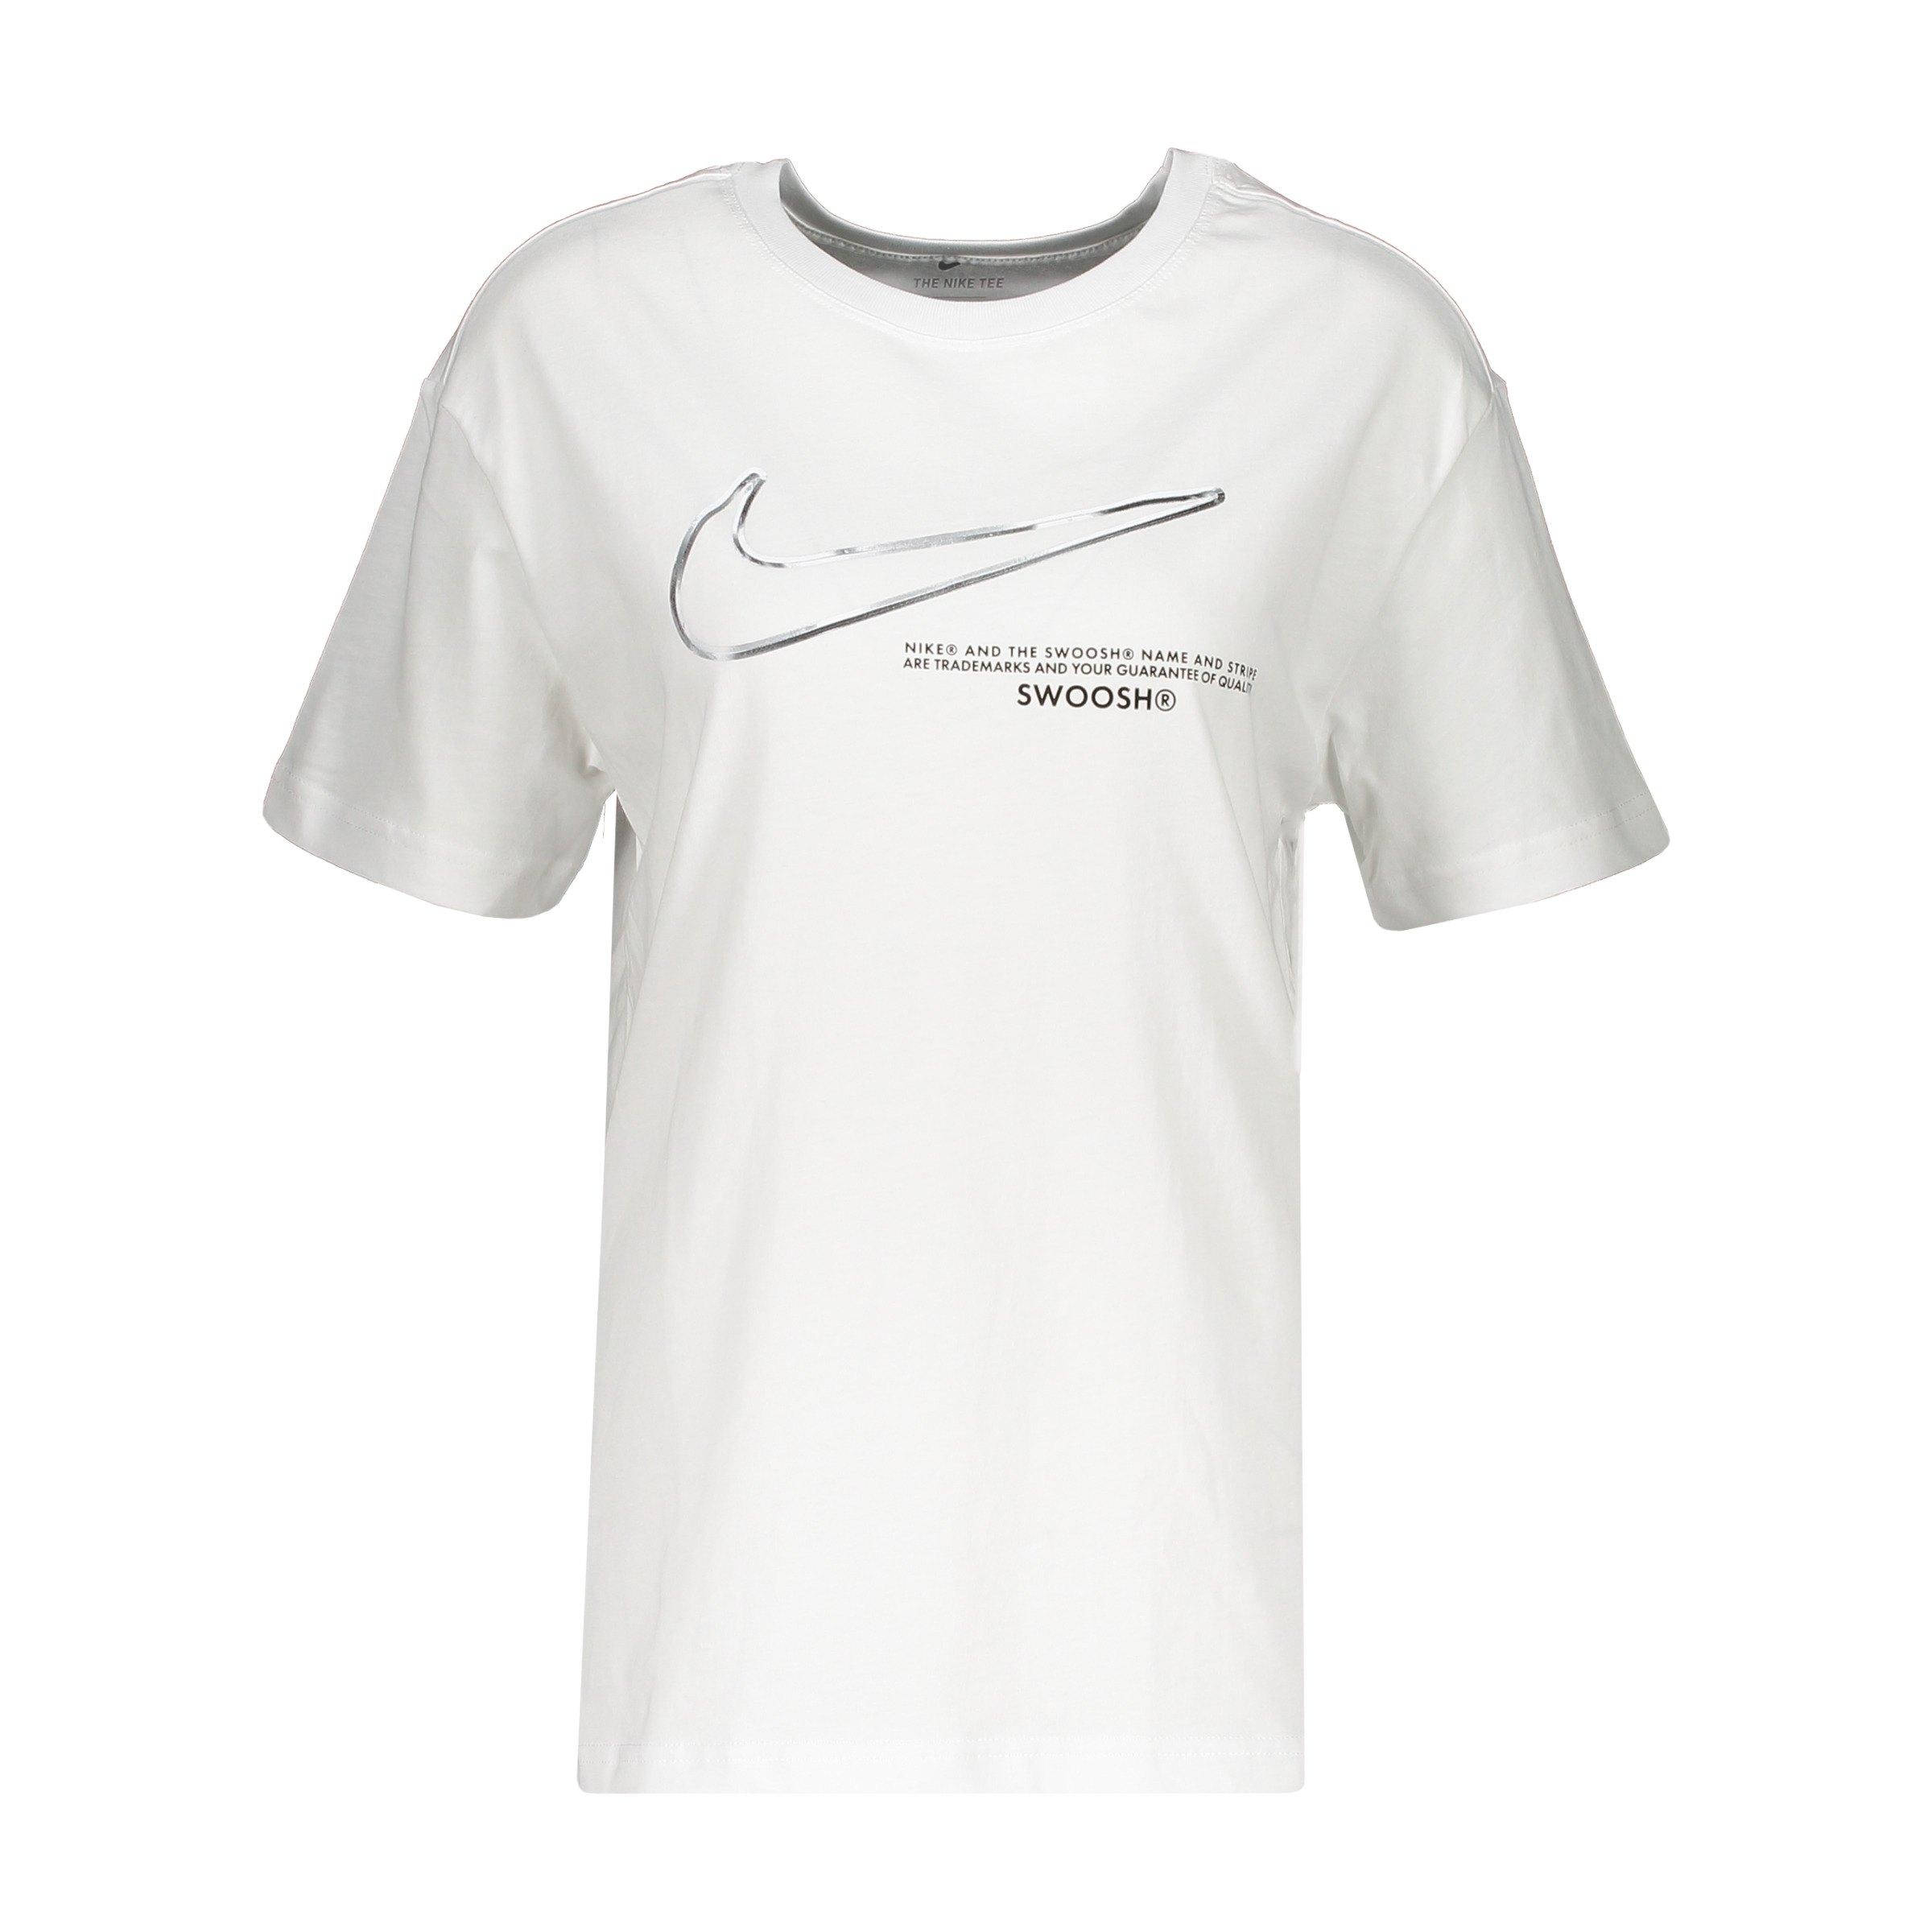 Nike Swoosh Boyfried T-Shirt Damen Weiss F100 weiss